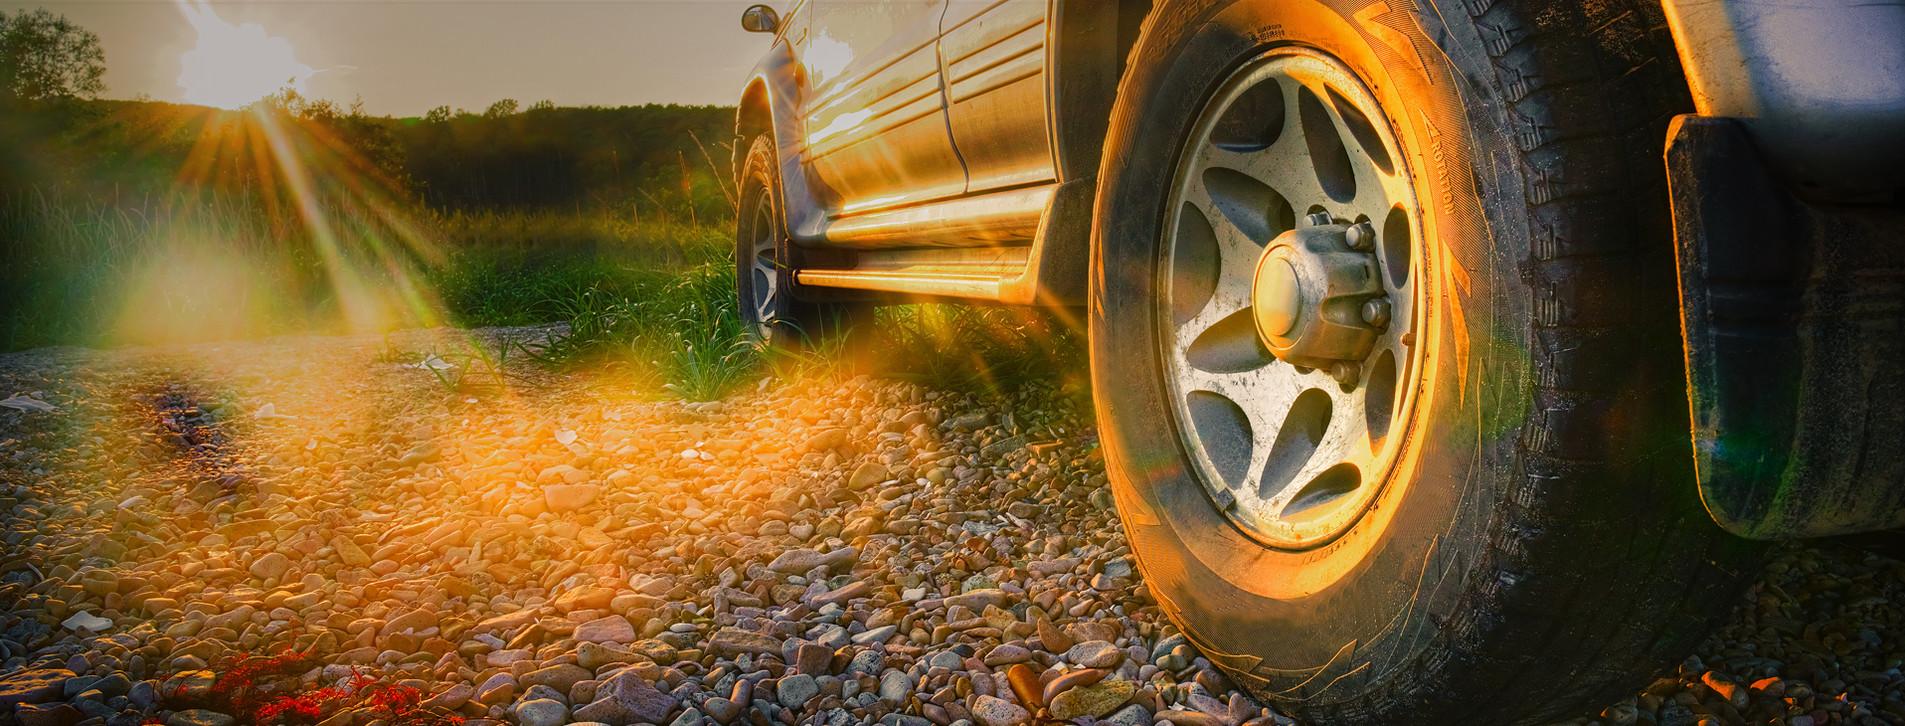 Fotoğraf 1 - Kendi Aracınız ile Off Road Sürüş Eğitimi